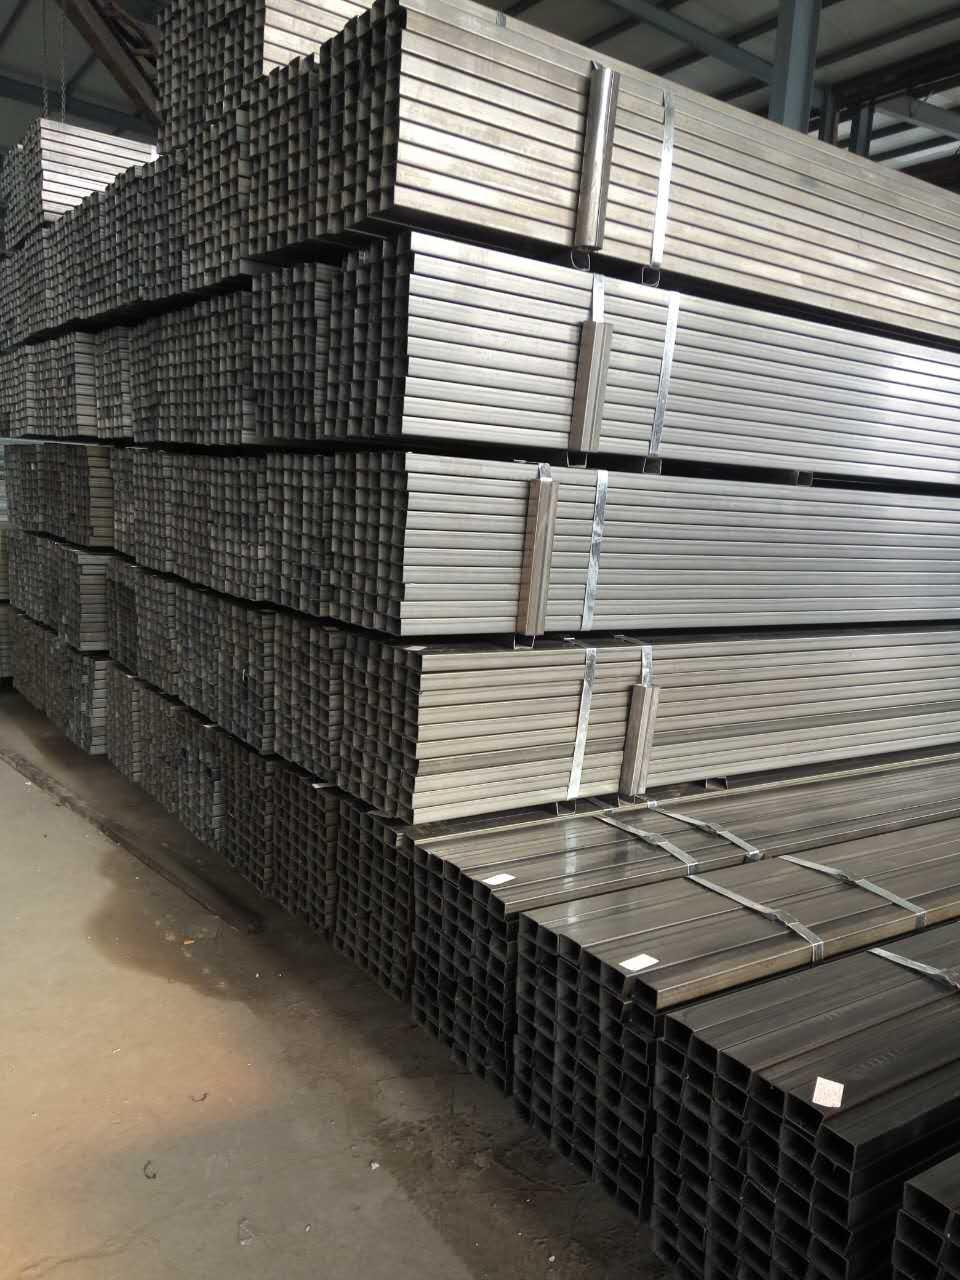 半挂车大梁钢材价格如何,可靠的半挂车大梁钢材供应信息